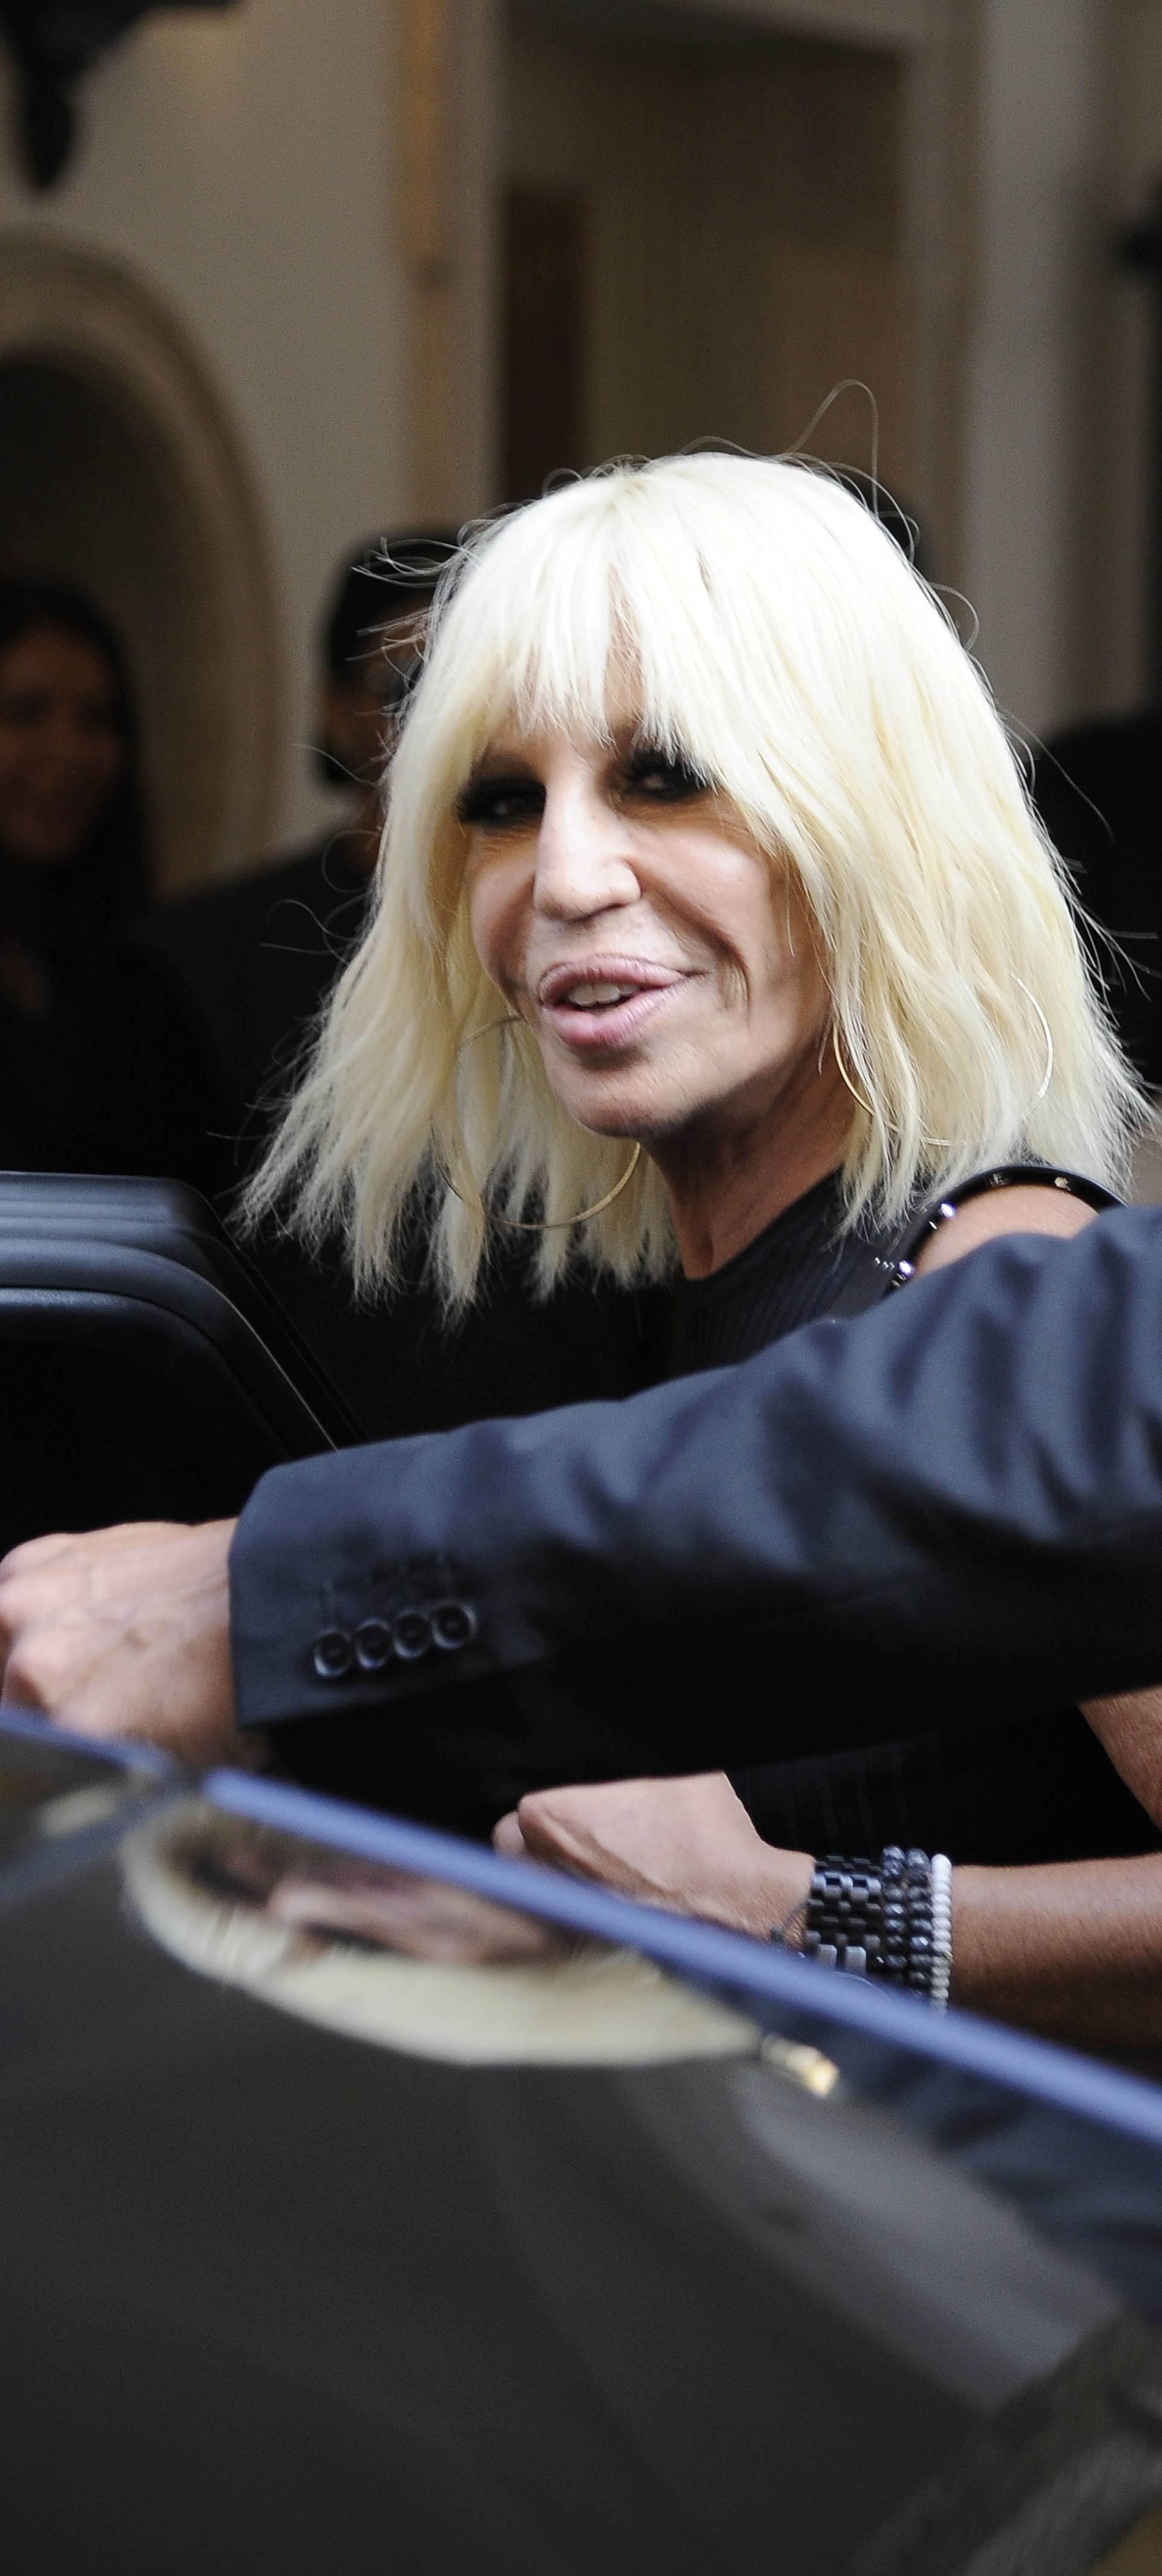 Milan Donatella Versace